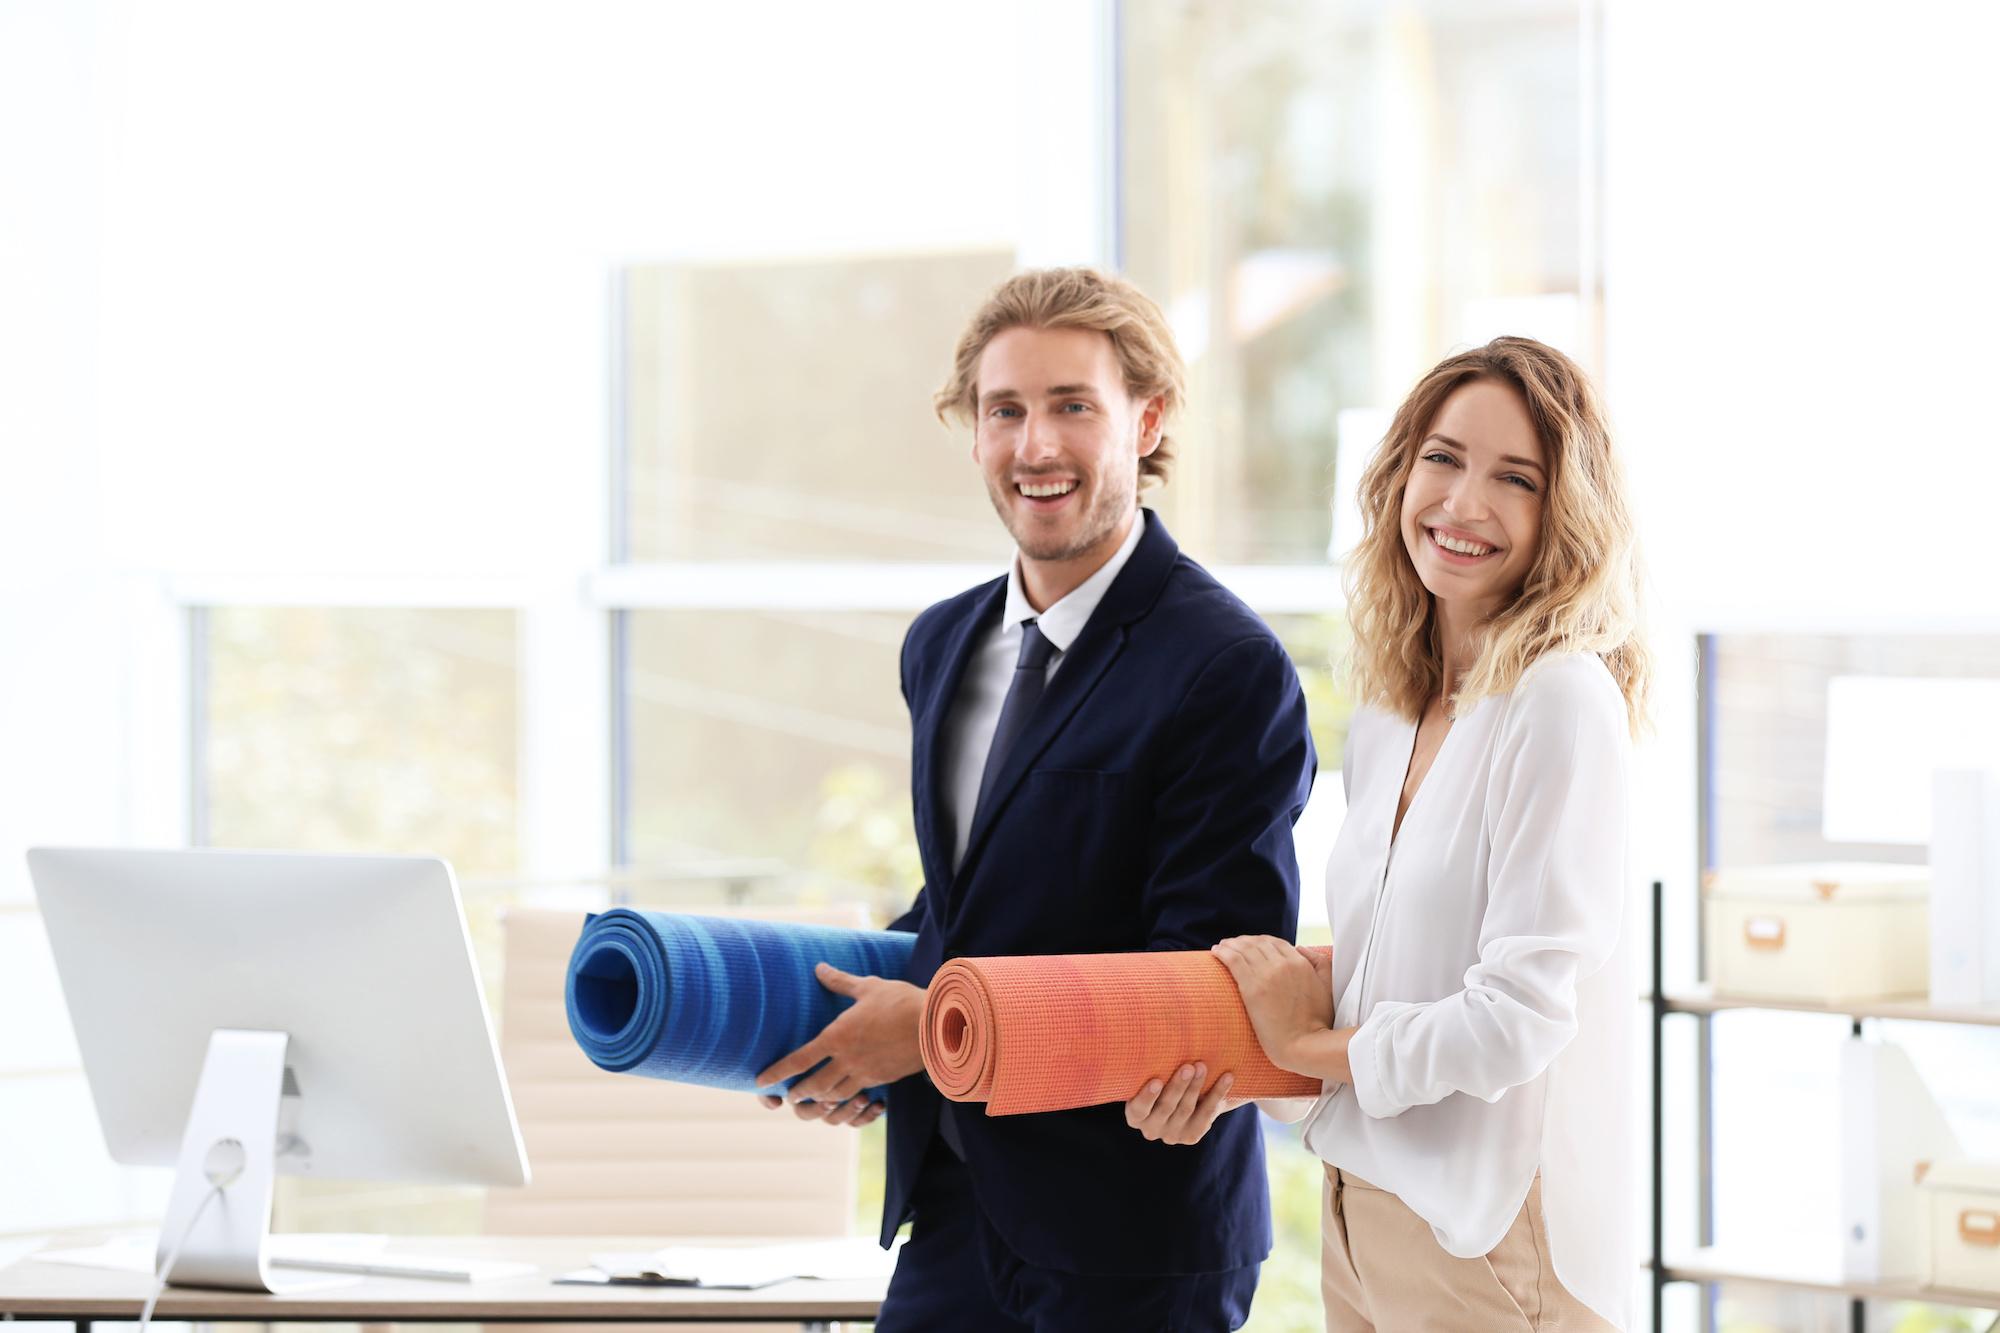 Business Yoga für Mitarbeiter und Führungskräfte im Unternehmen im Rahmen des betriebslichen Gesundheitsmanagements Achtsamkeitstraining für Mitarbeiter und Führungskräfte für mehr Resilienz und Stress Reduktion